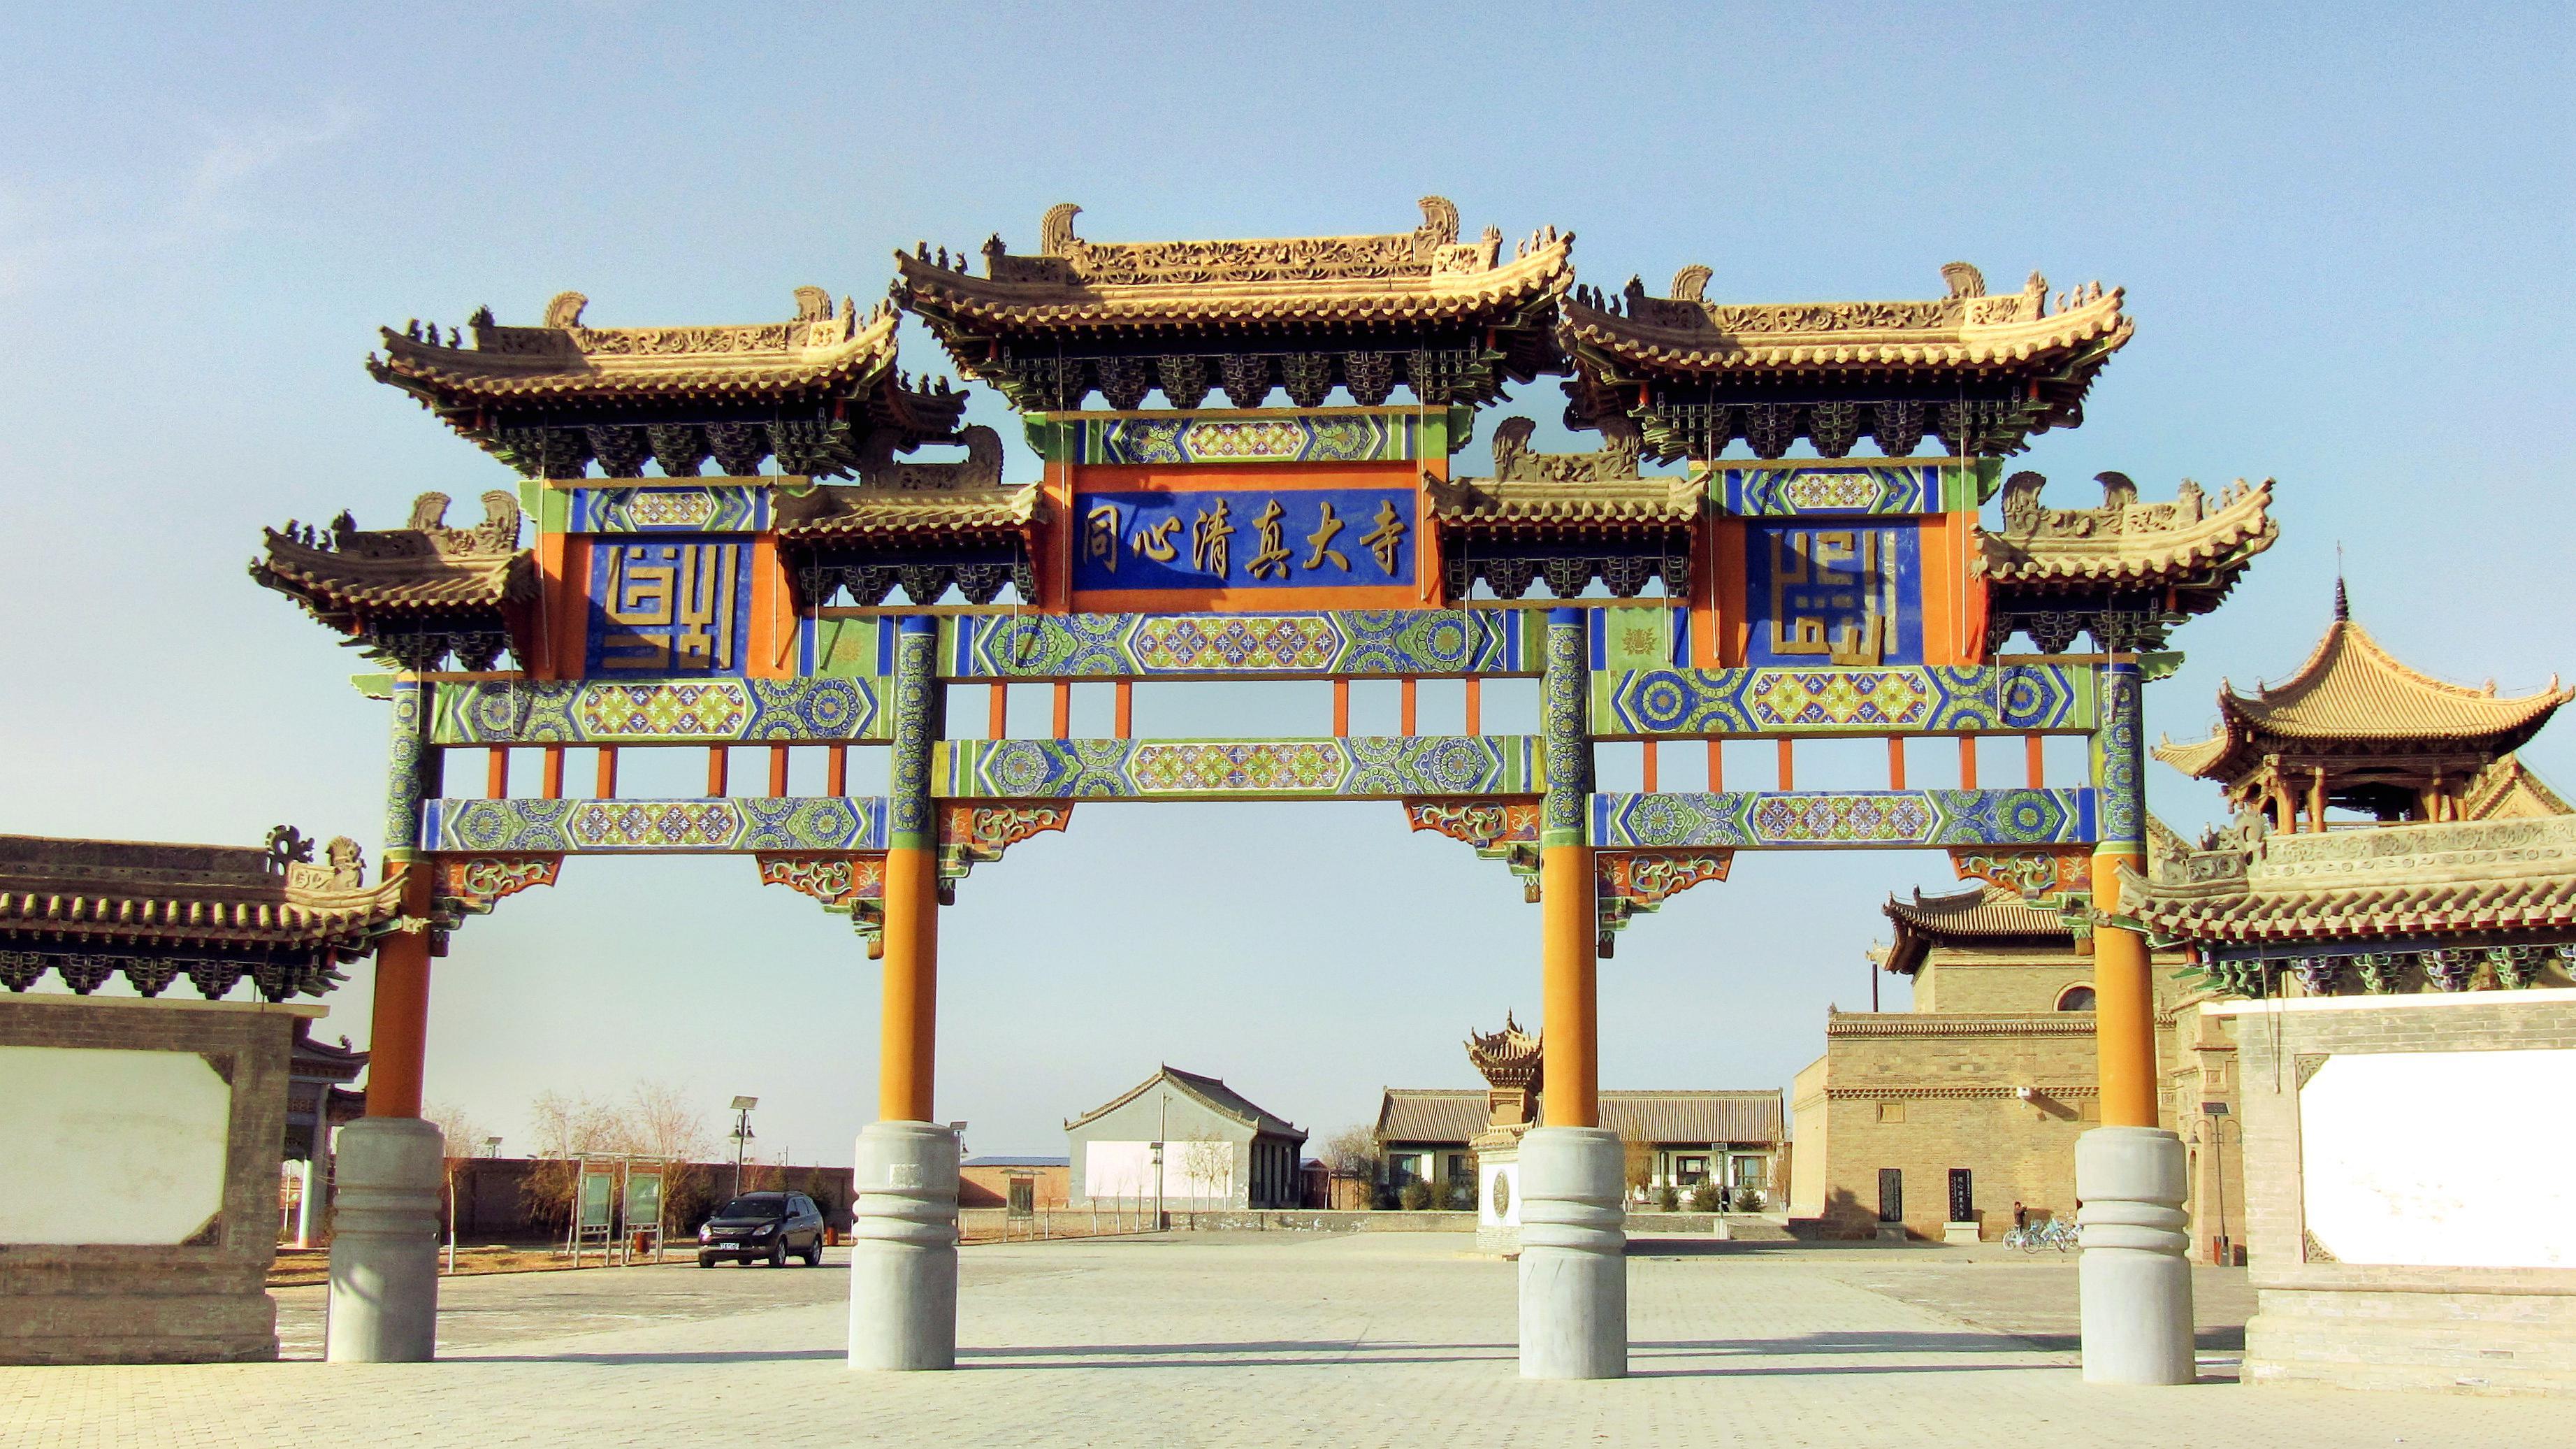 Tongxin Muslim Dasi